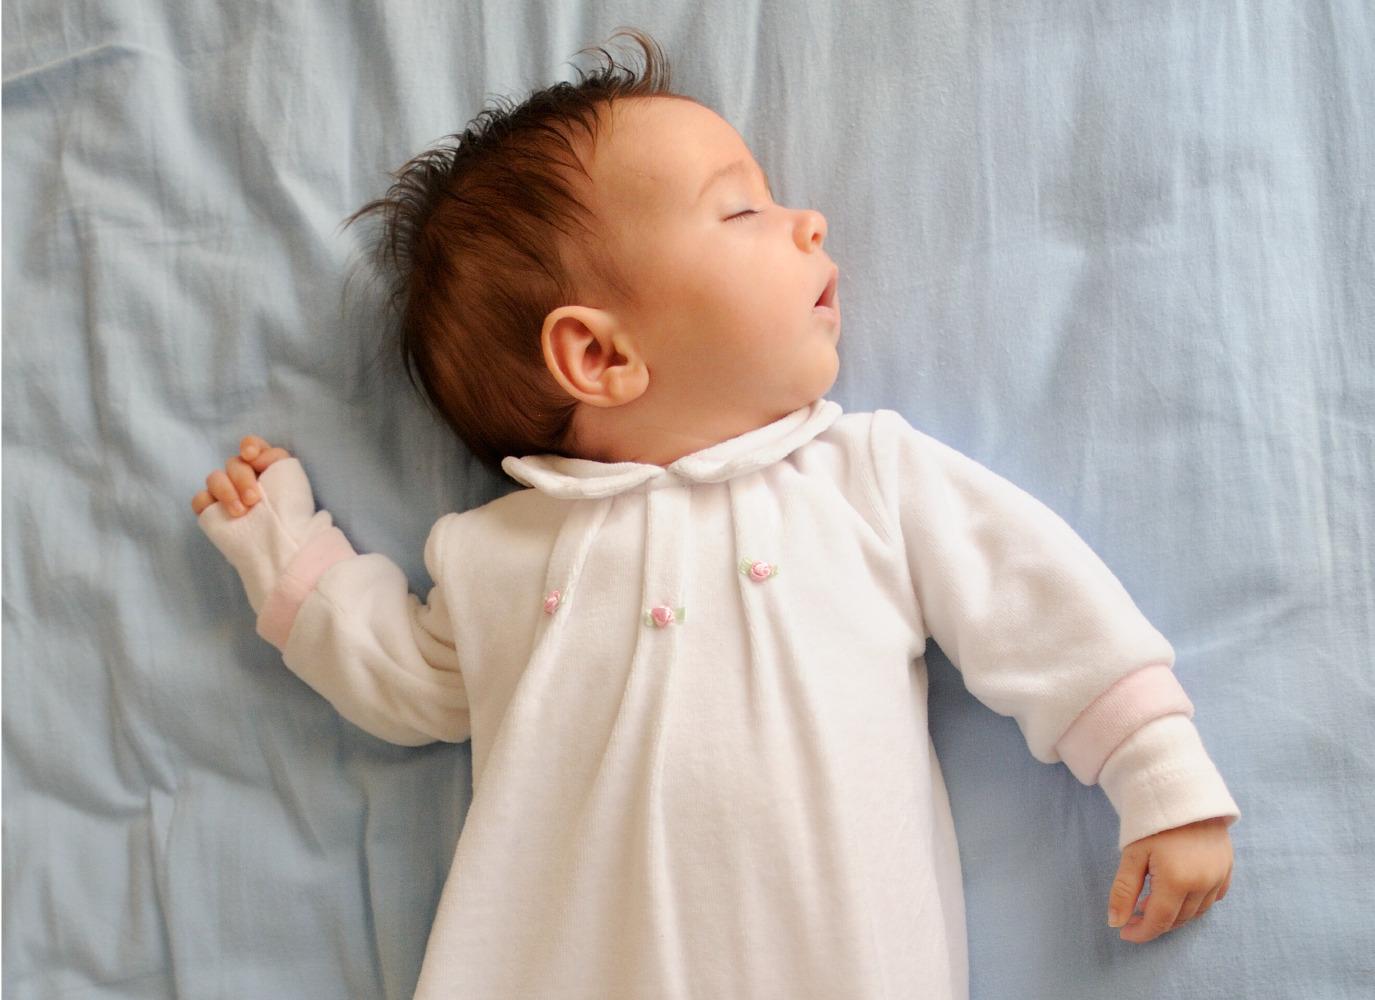 Bé 2 tháng ngủ bao nhiêu là đủ? Giải pháp cho trẻ thiếu ngủ